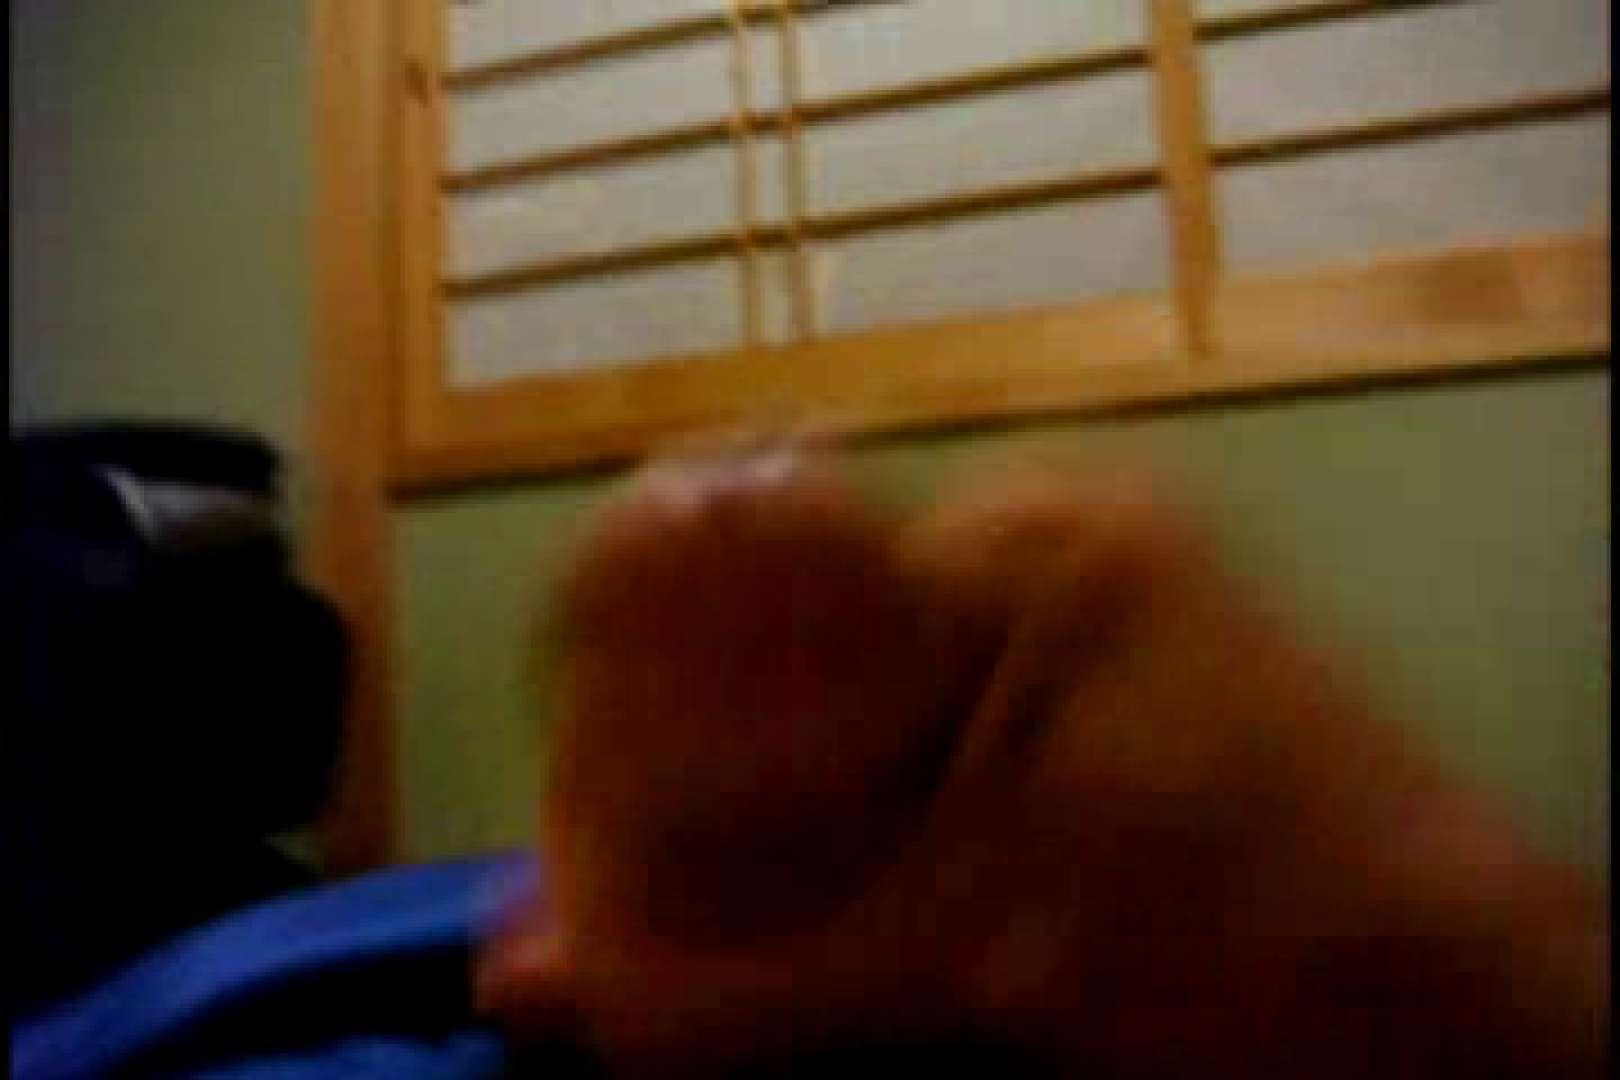 オナ好きノンケテニス部員の自画撮り投稿vol.02 射精天国 ゲイエロ動画 89pic 34